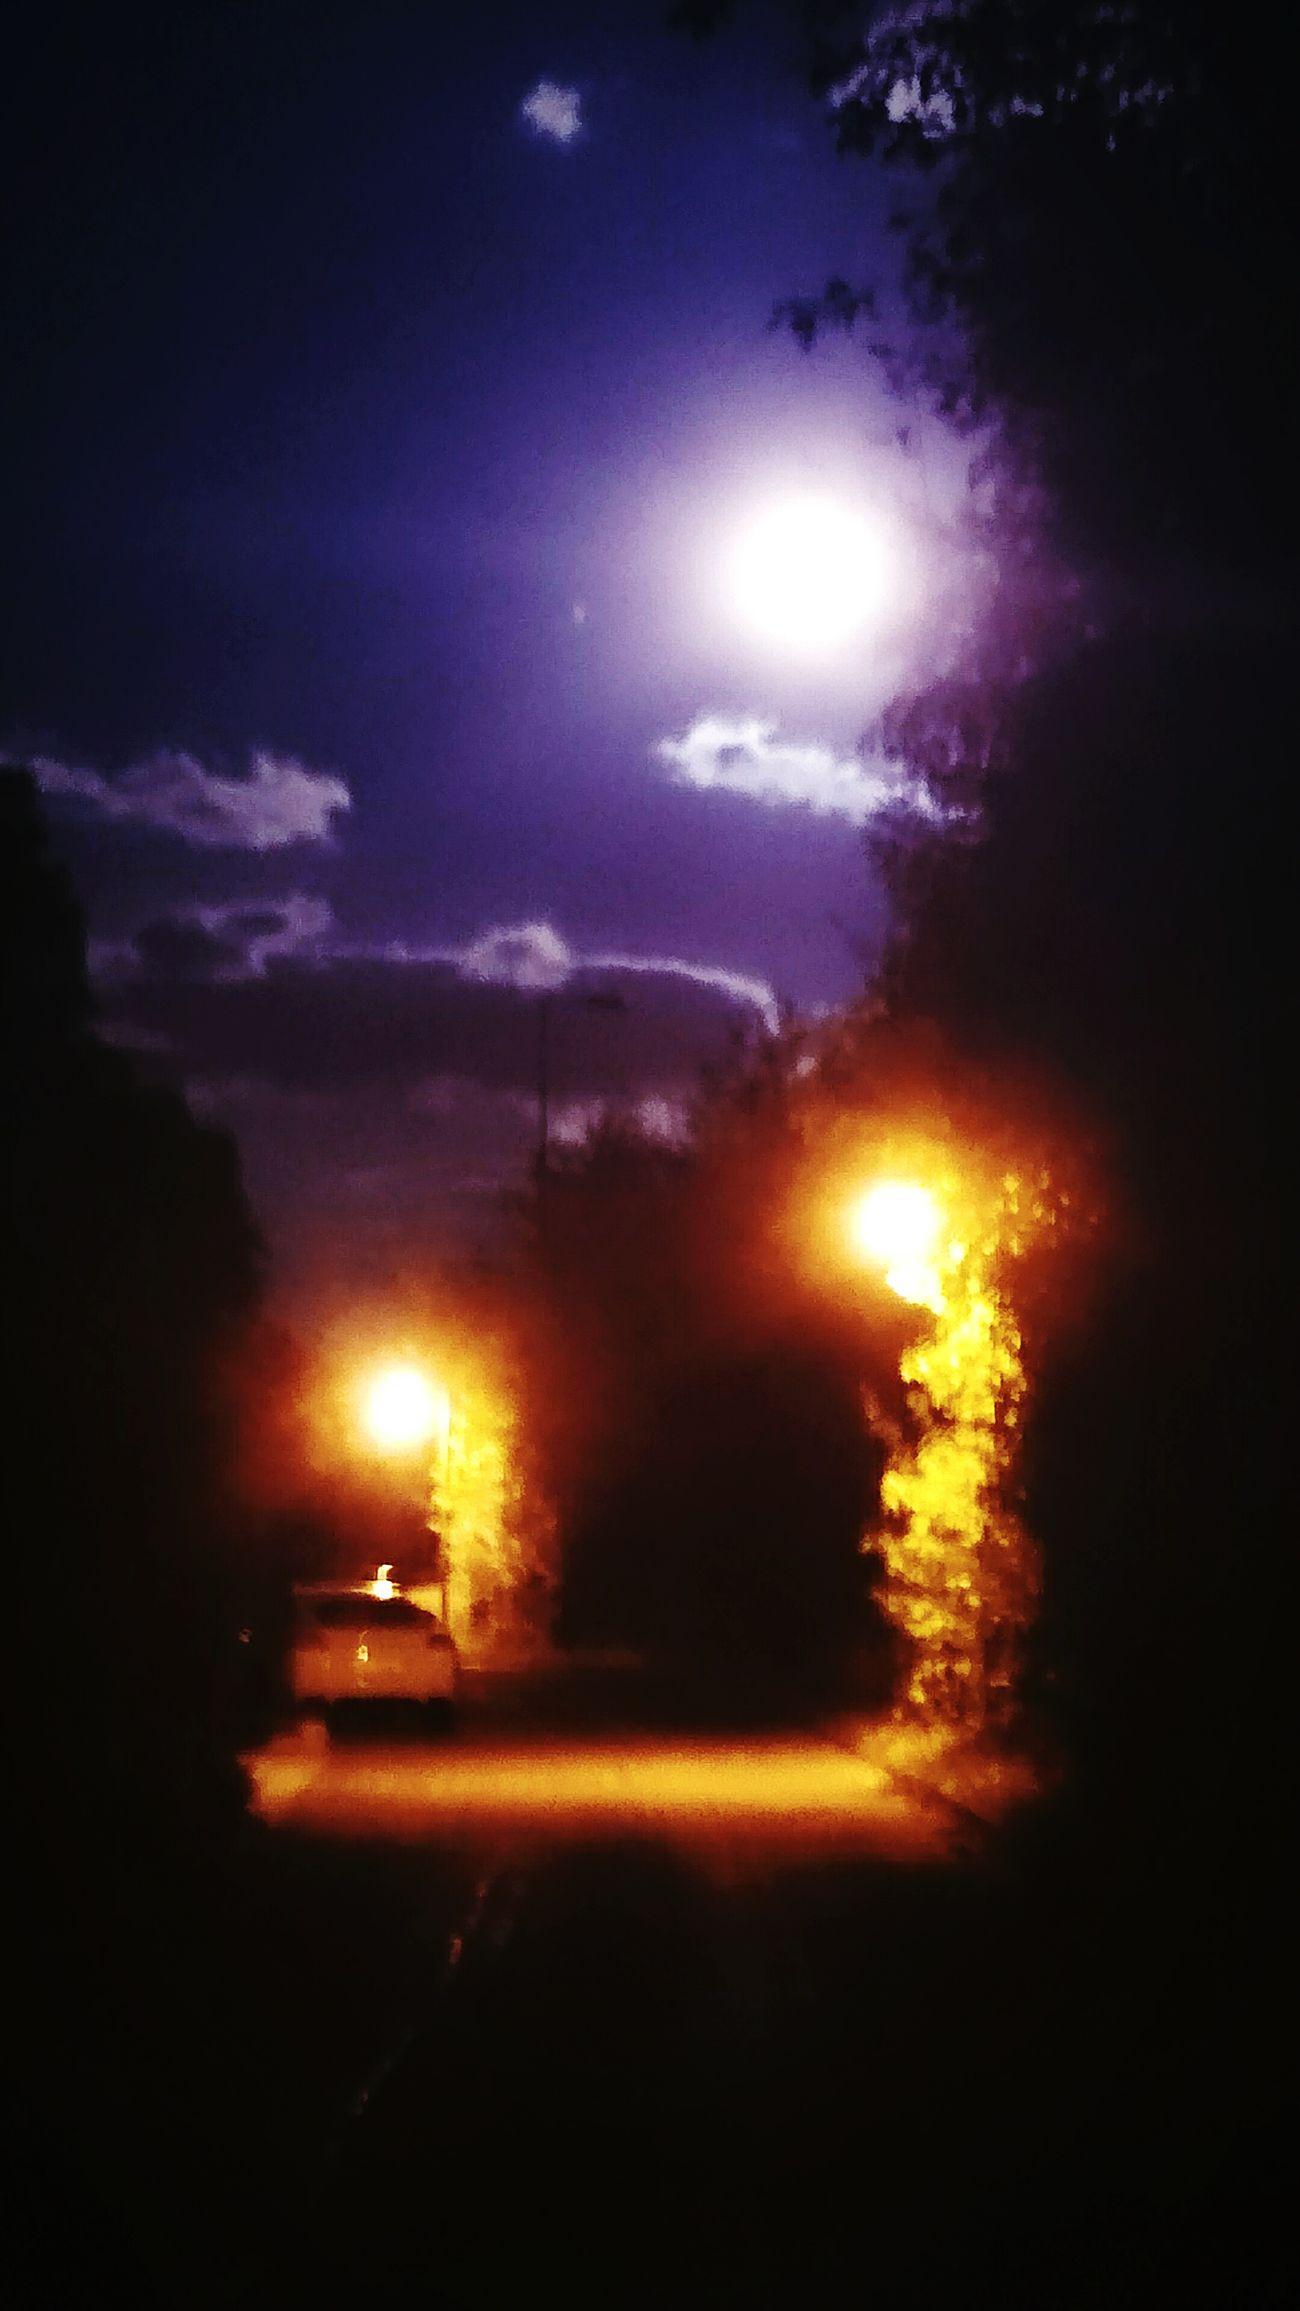 Vollmond Nacht Abendspaziergang